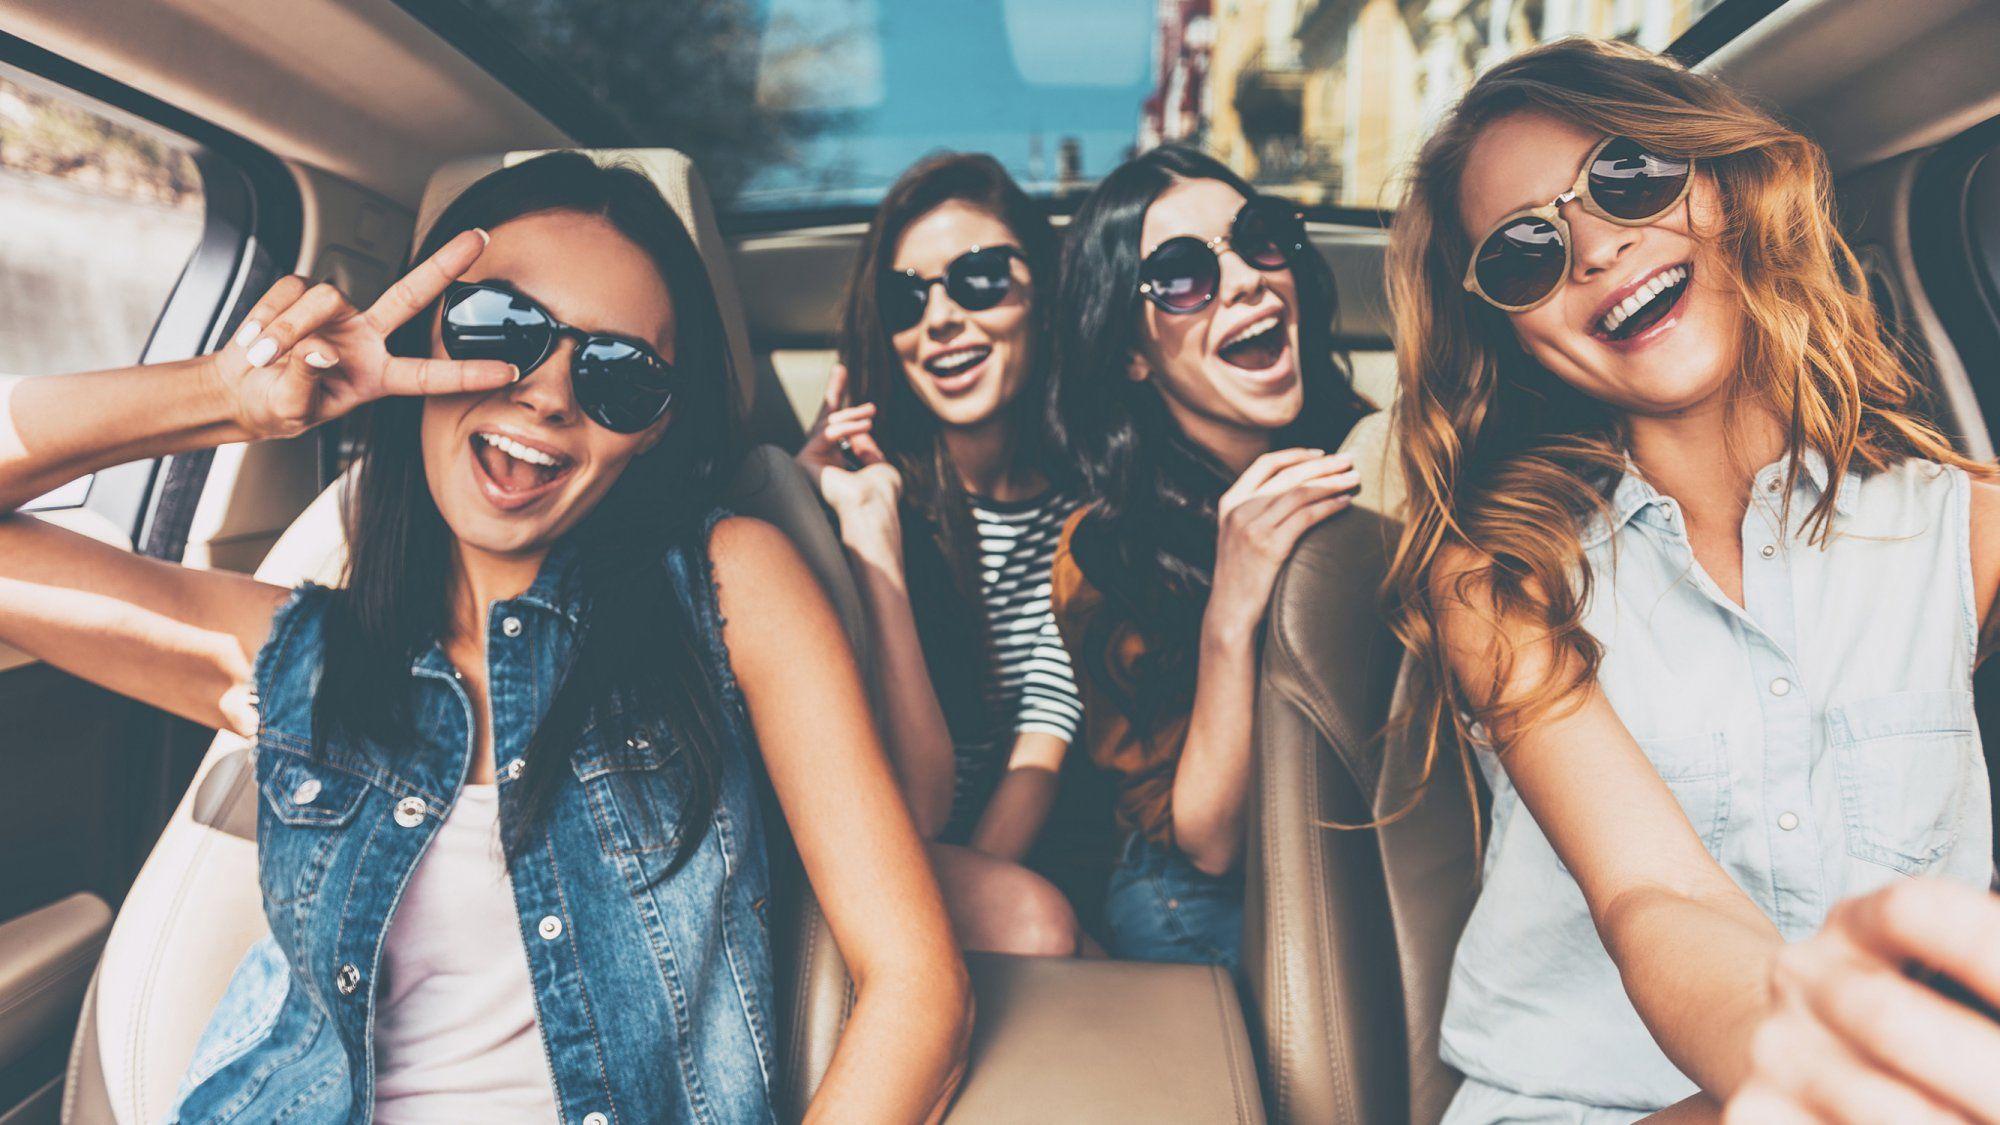 5 Alasan Traveling Bersama Teman Lebih Seru dan Menyenangkan Dibanding Sendirian 3